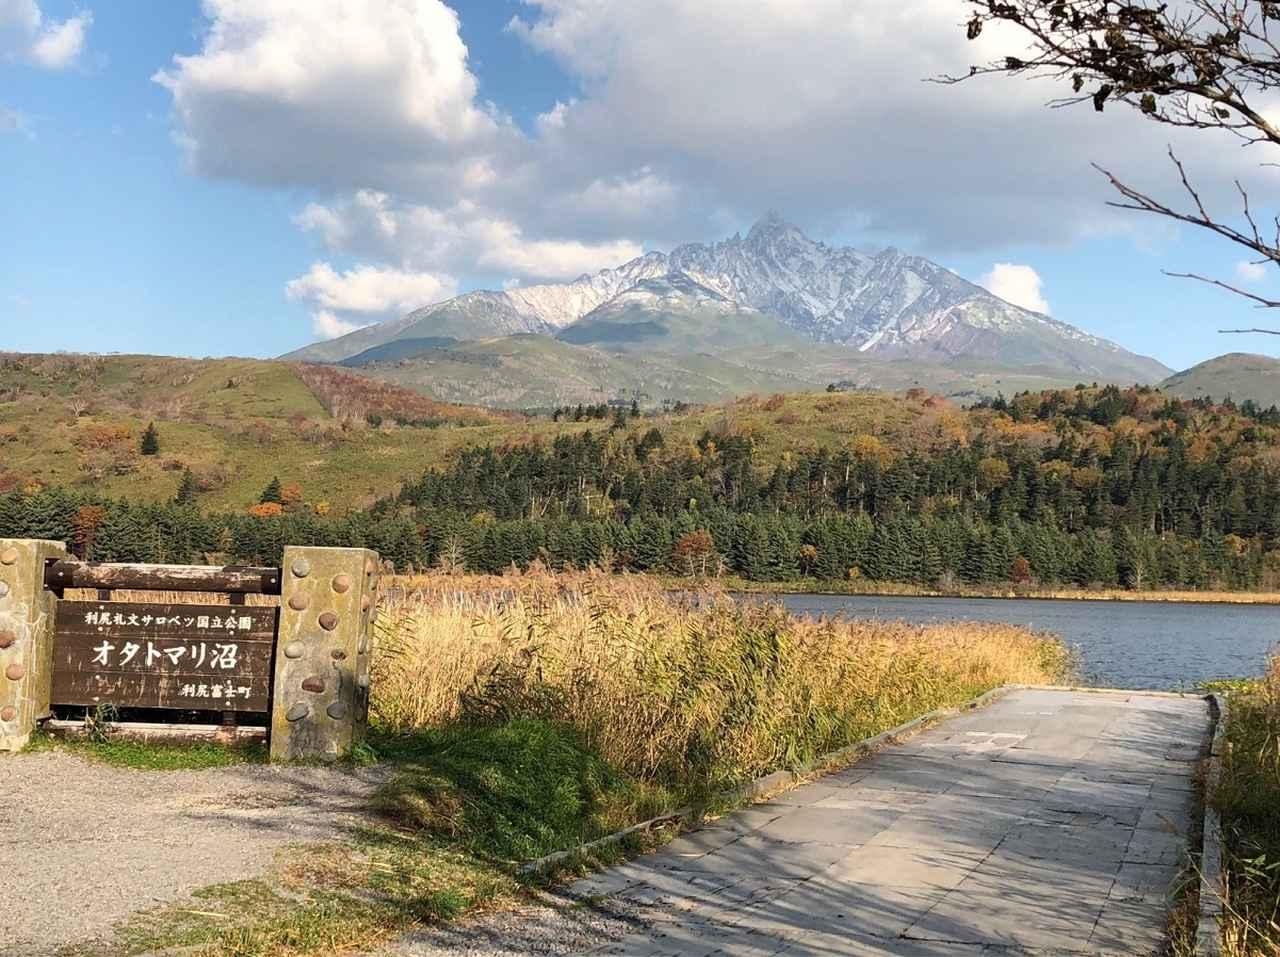 画像: 北海道銘菓「白い恋人」パッケージの地、利尻島・オタトマリ湖